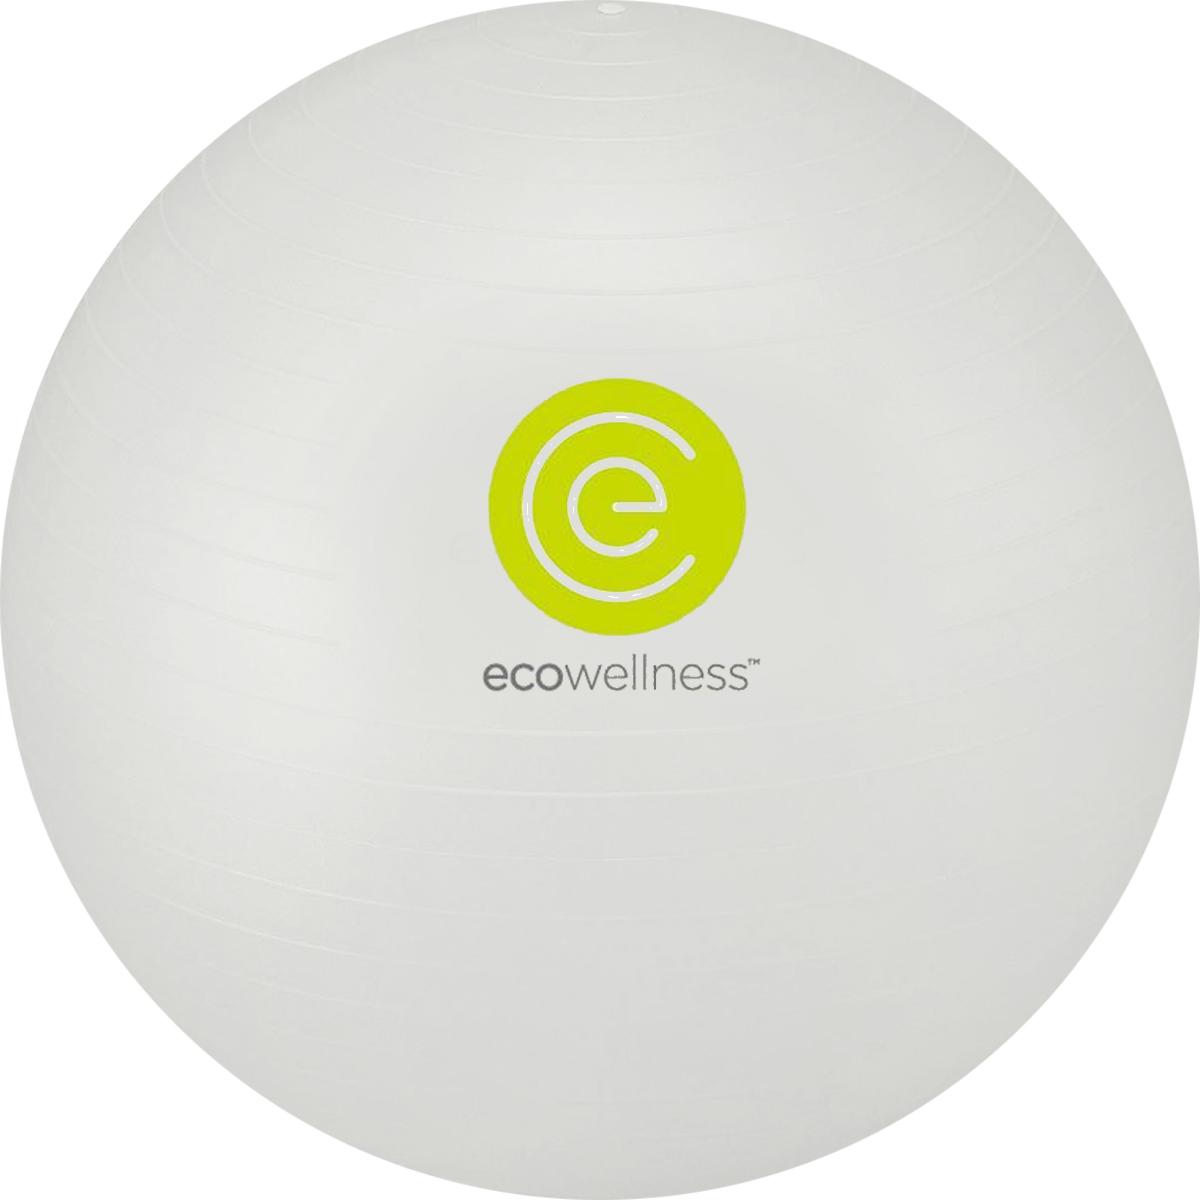 Мяч гимнастический Ecowellness, c ручным насосом, цвет: серый, диаметр 65 смWRA523700Мяч Ecowellness предназначен для гимнастических и медицинских целей в лечебных упражнениях. Он выполнен из прочного гипоаллергенного ПВХ. Прекрасно подходит для использования в домашних условиях. Данный мяч можно использовать для: реабилитации после травм и операций, восстановления после перенесенного инсульта, стимуляции и релаксации мышечных тканей, улучшения кровообращения, лечении и профилактики сколиоза, при заболеваниях или повреждениях опорно-двигательного аппарата.